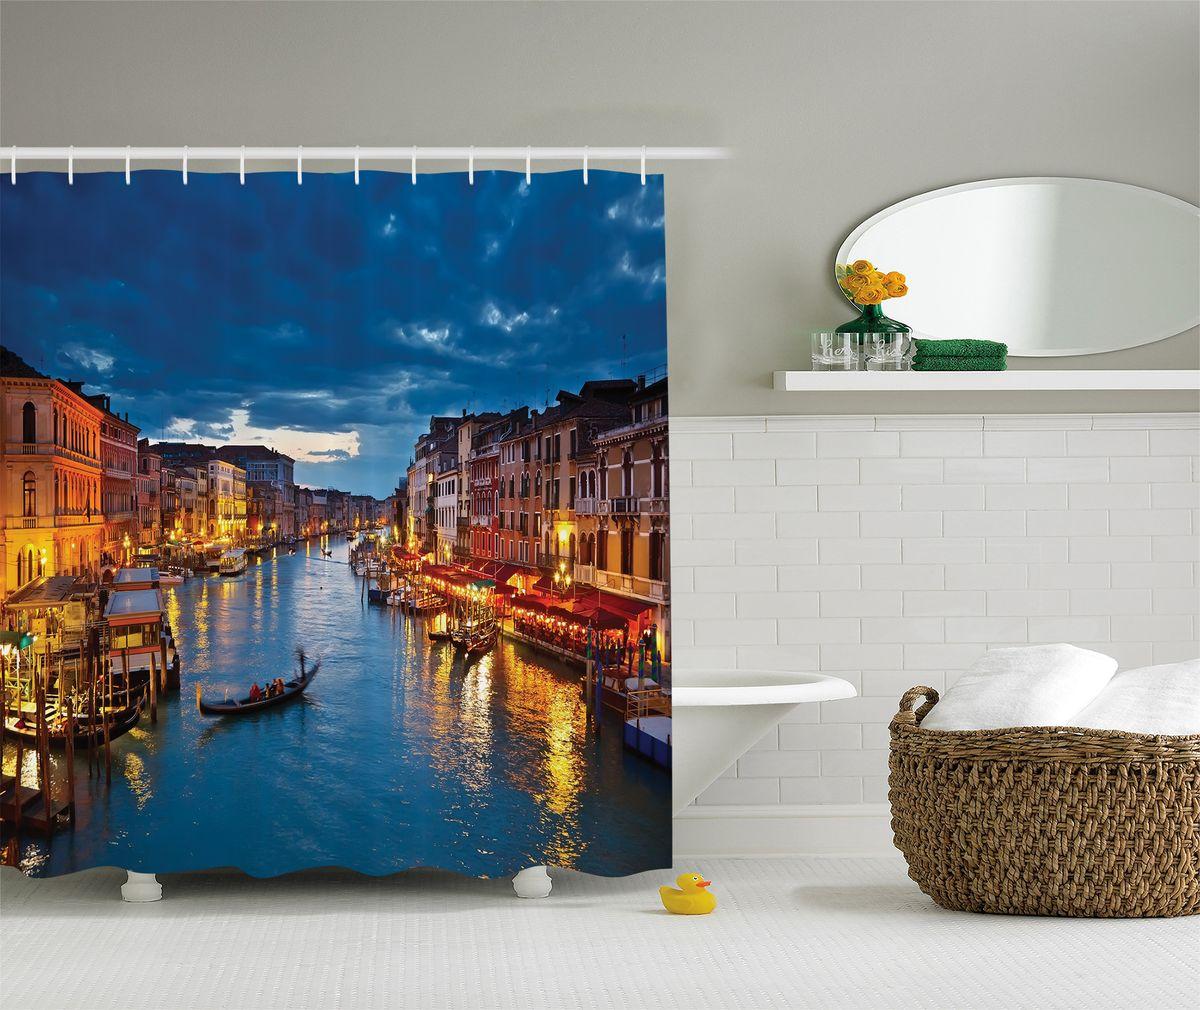 Штора для ванной комнаты Magic Lady Вечерняя Венеция, 180 х 200 смшв_8254Штора Magic Lady Вечерняя Венеция, изготовленная из высококачественного сатена (полиэстер 100%), отлично дополнит любой интерьер ванной комнаты. При изготовлении используются специальные гипоаллергенные чернила для прямой печати по ткани, безопасные для человека.В комплекте: 1 штора, 12 крючков. Обращаем ваше внимание, фактический цвет изделия может незначительно отличаться от представленного на фото.